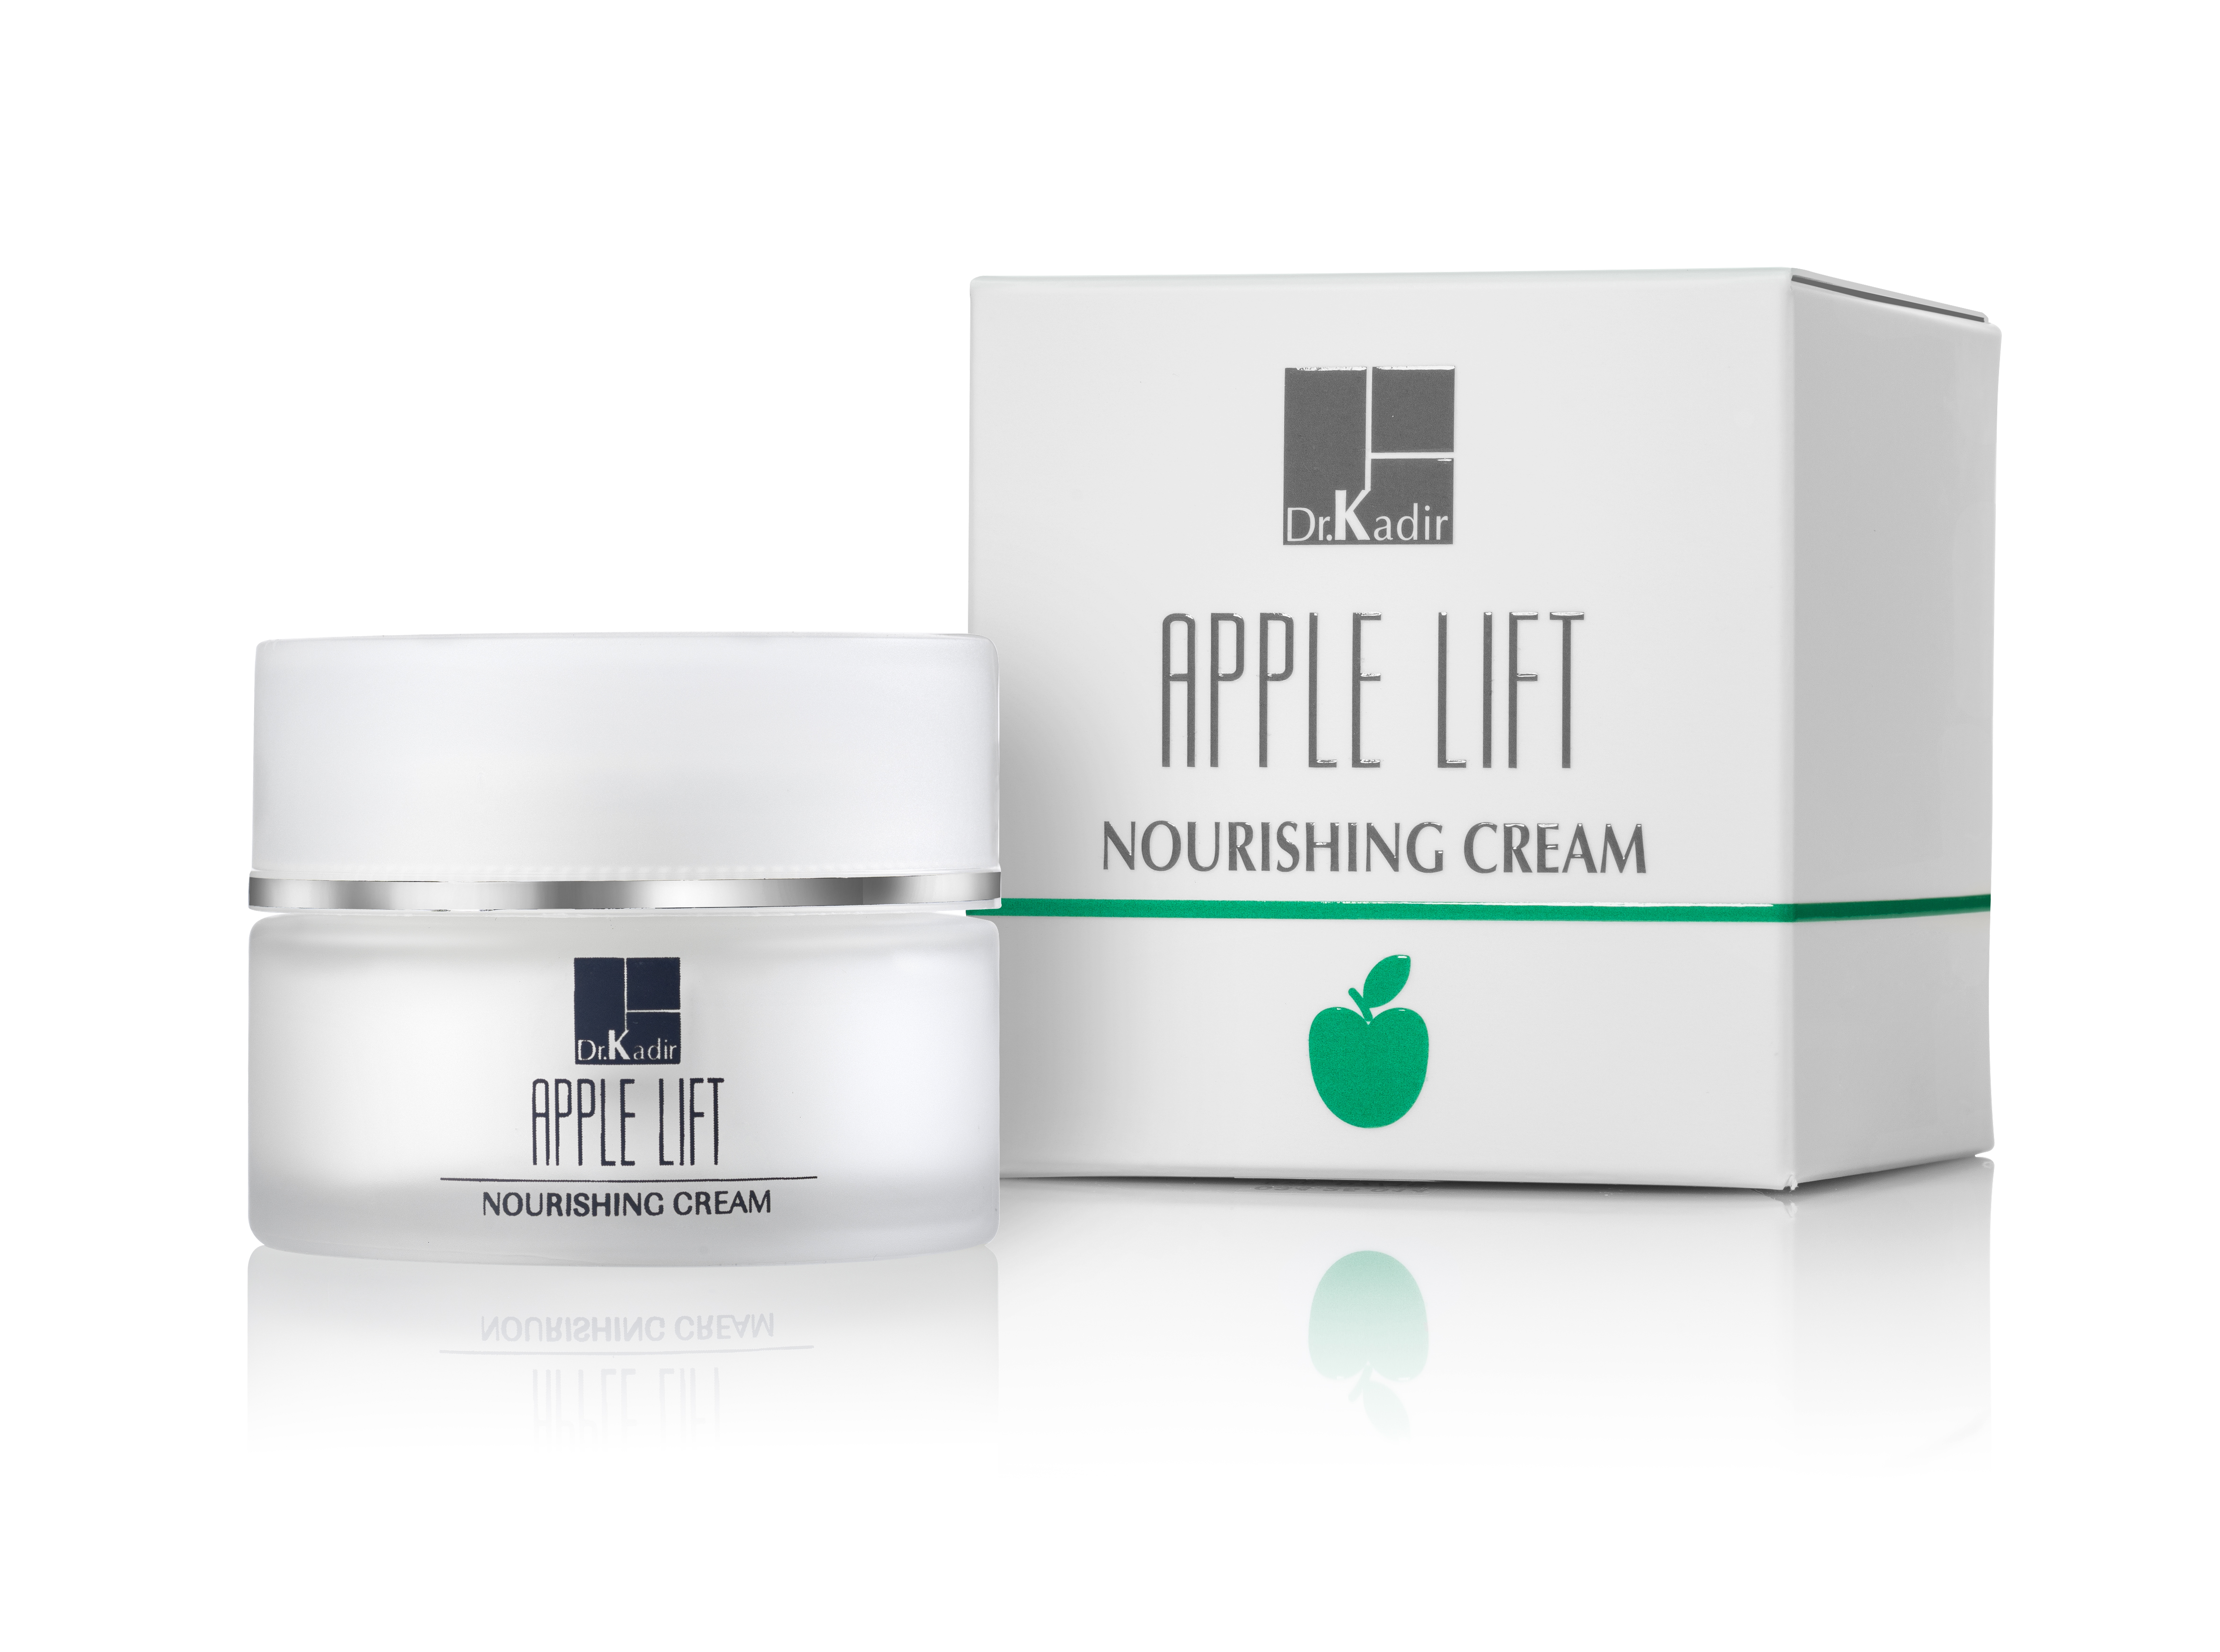 DR KADIR Крем питательный для нормальной/сухой кожи / Apple Lift home care 50мл renergie multi lift питательный крем с эффектом лифтинга для сухой кожи